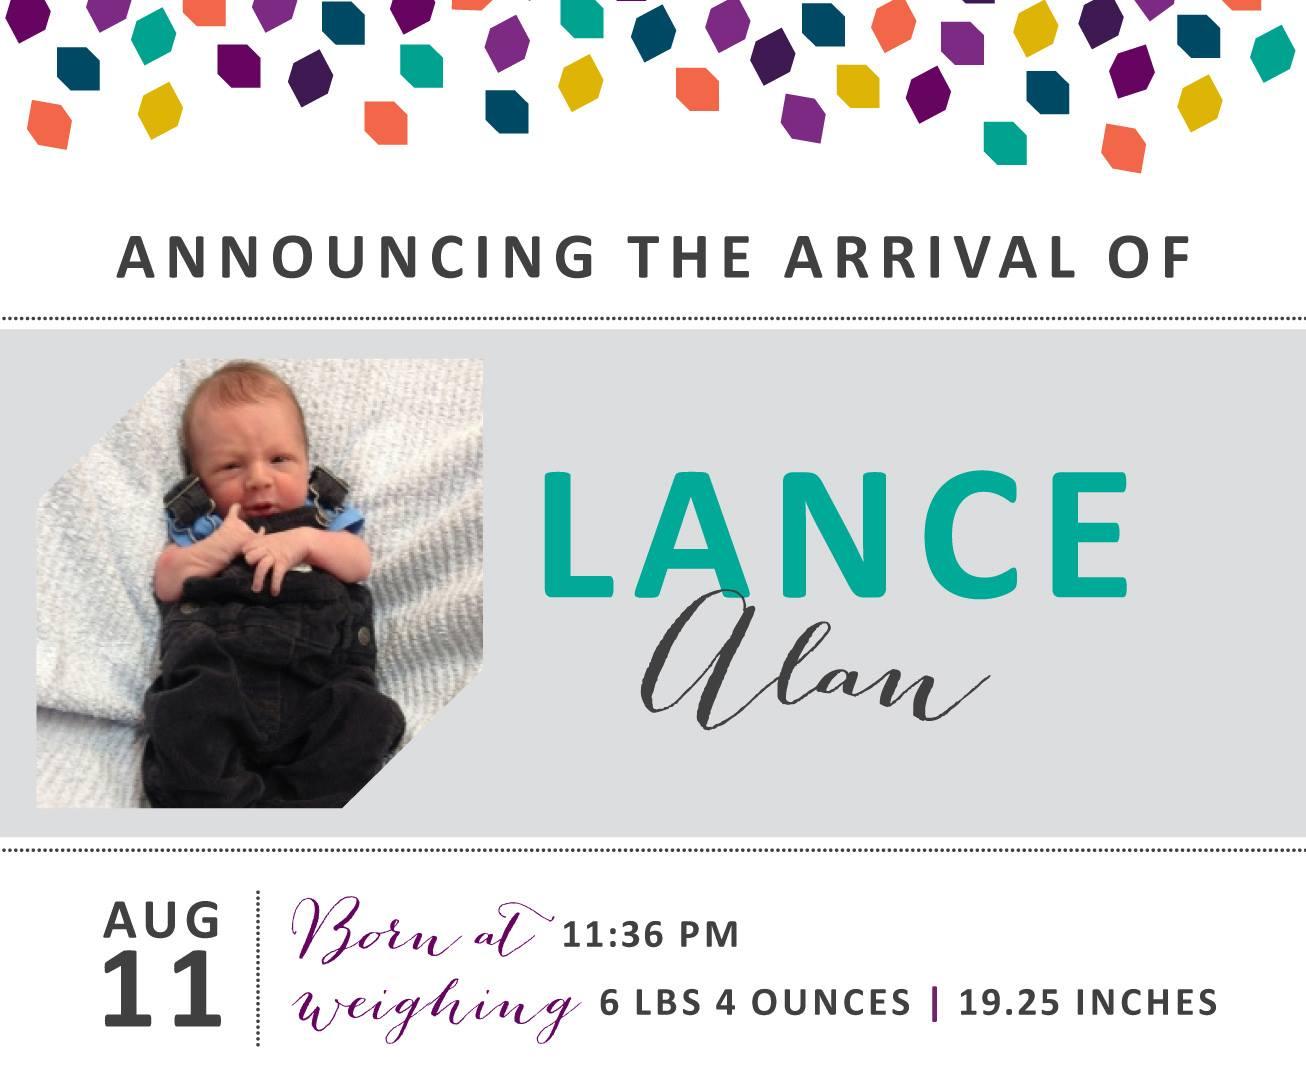 Lance Alan 1